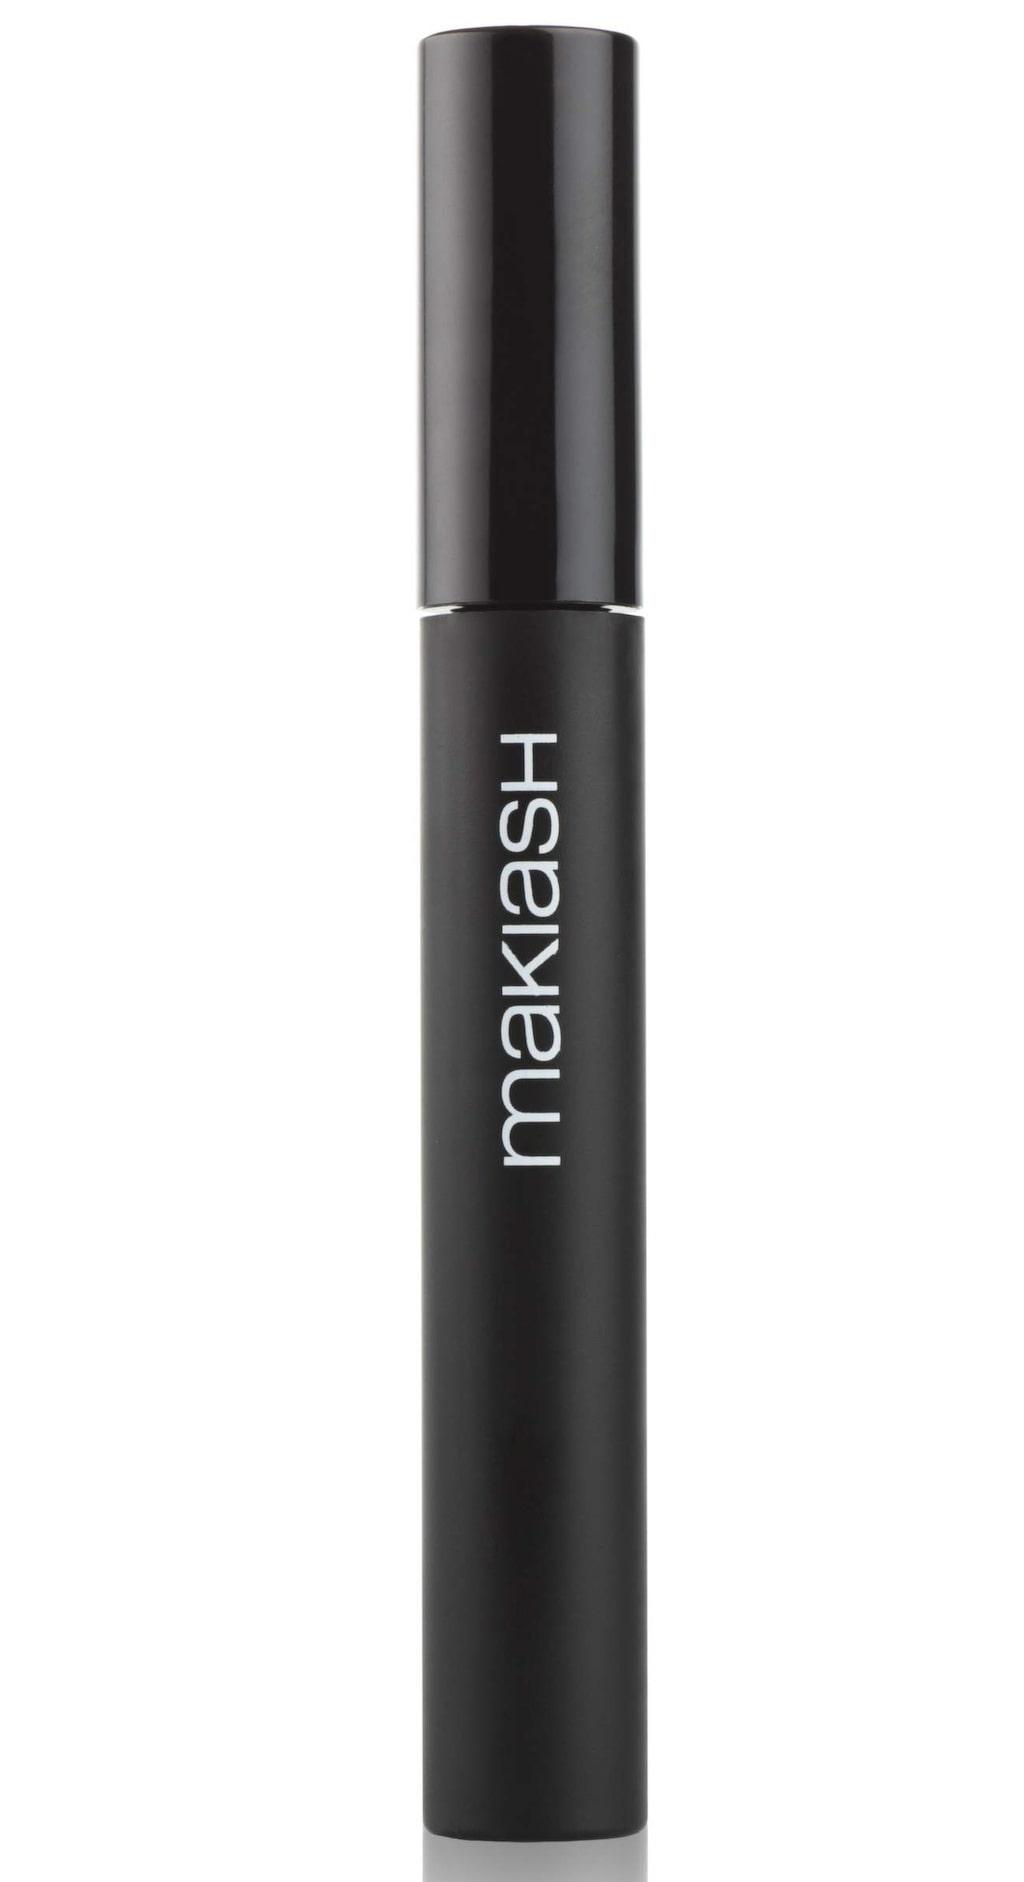 """<p>Svart mascara från svenska märket Makiash """"Mascara Volume &amp;amp; Length Black"""", 159 kronor. Finns bland annat på Ellos.com</p>"""